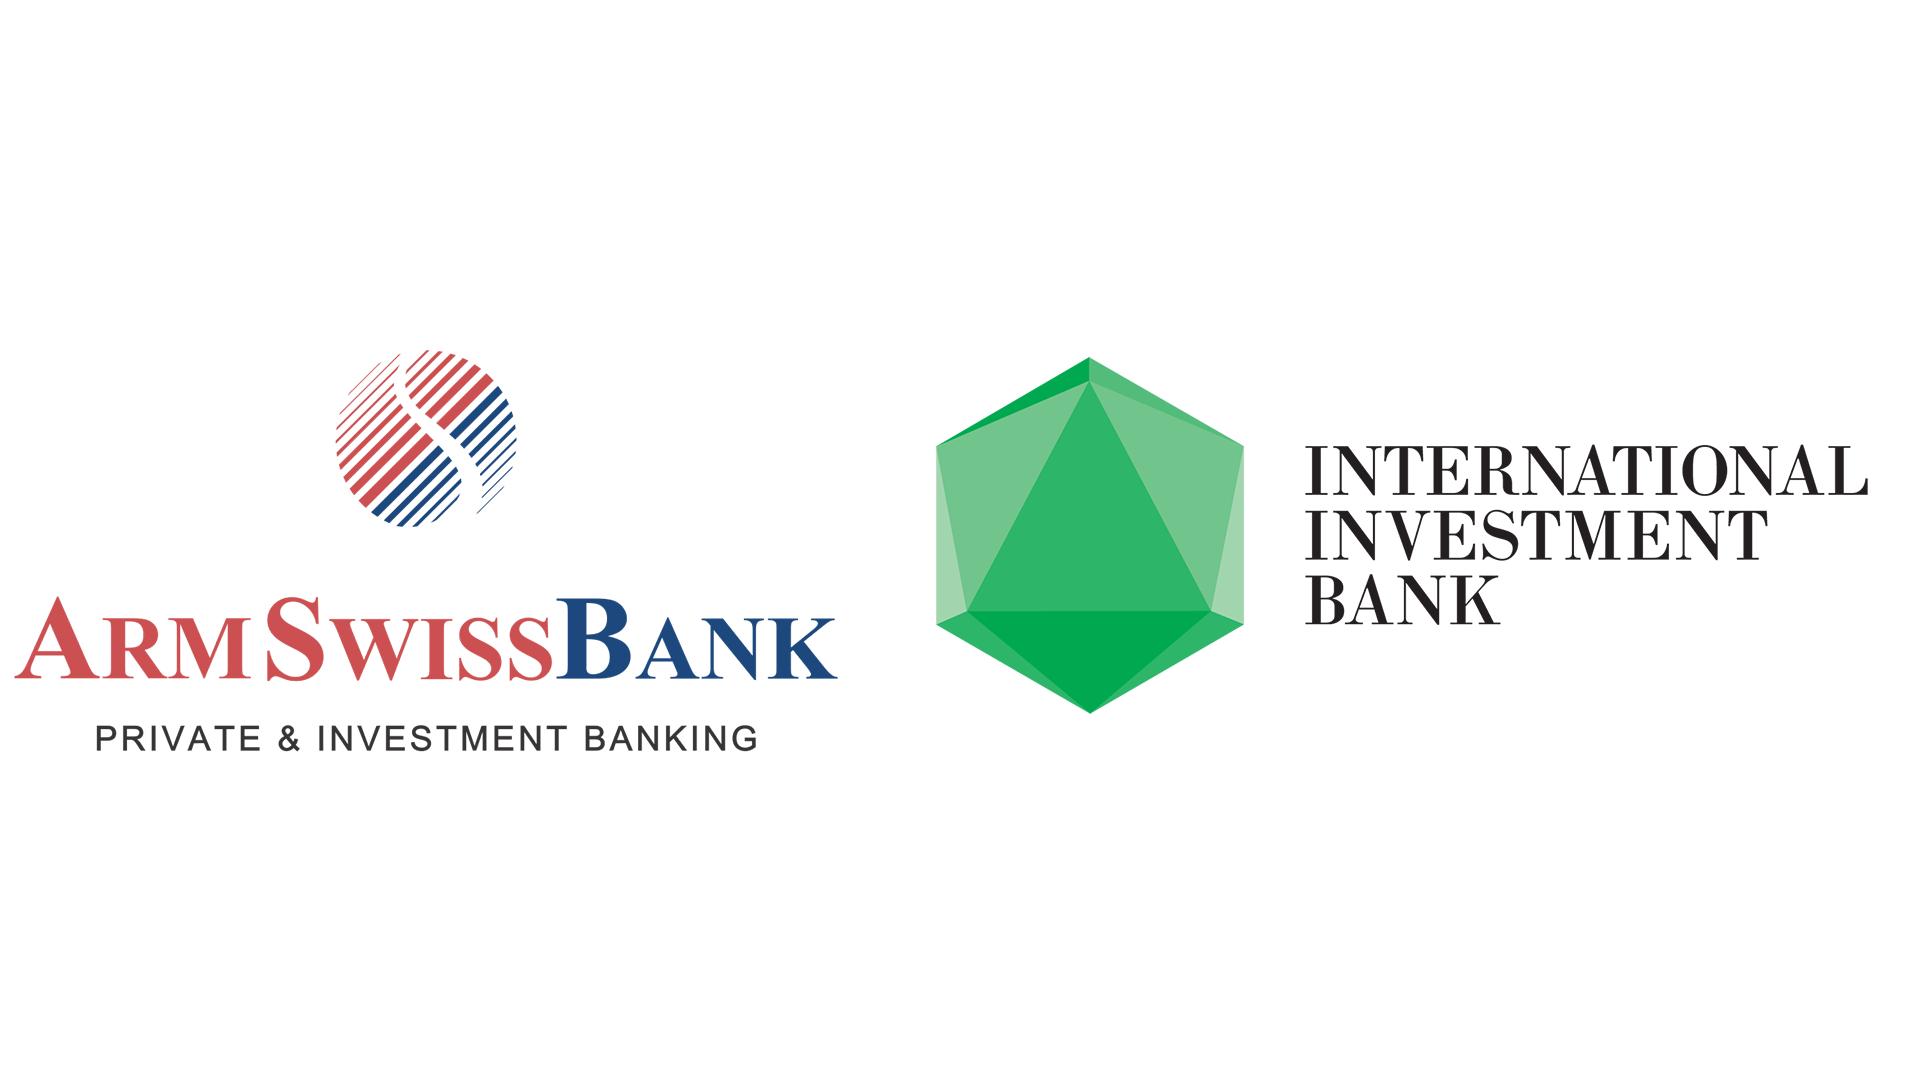 Արմսվիսբանկը միացել է միջազգային ներդրումային բանկի առևտրի ֆինանսավորման խթանման ծրագրին